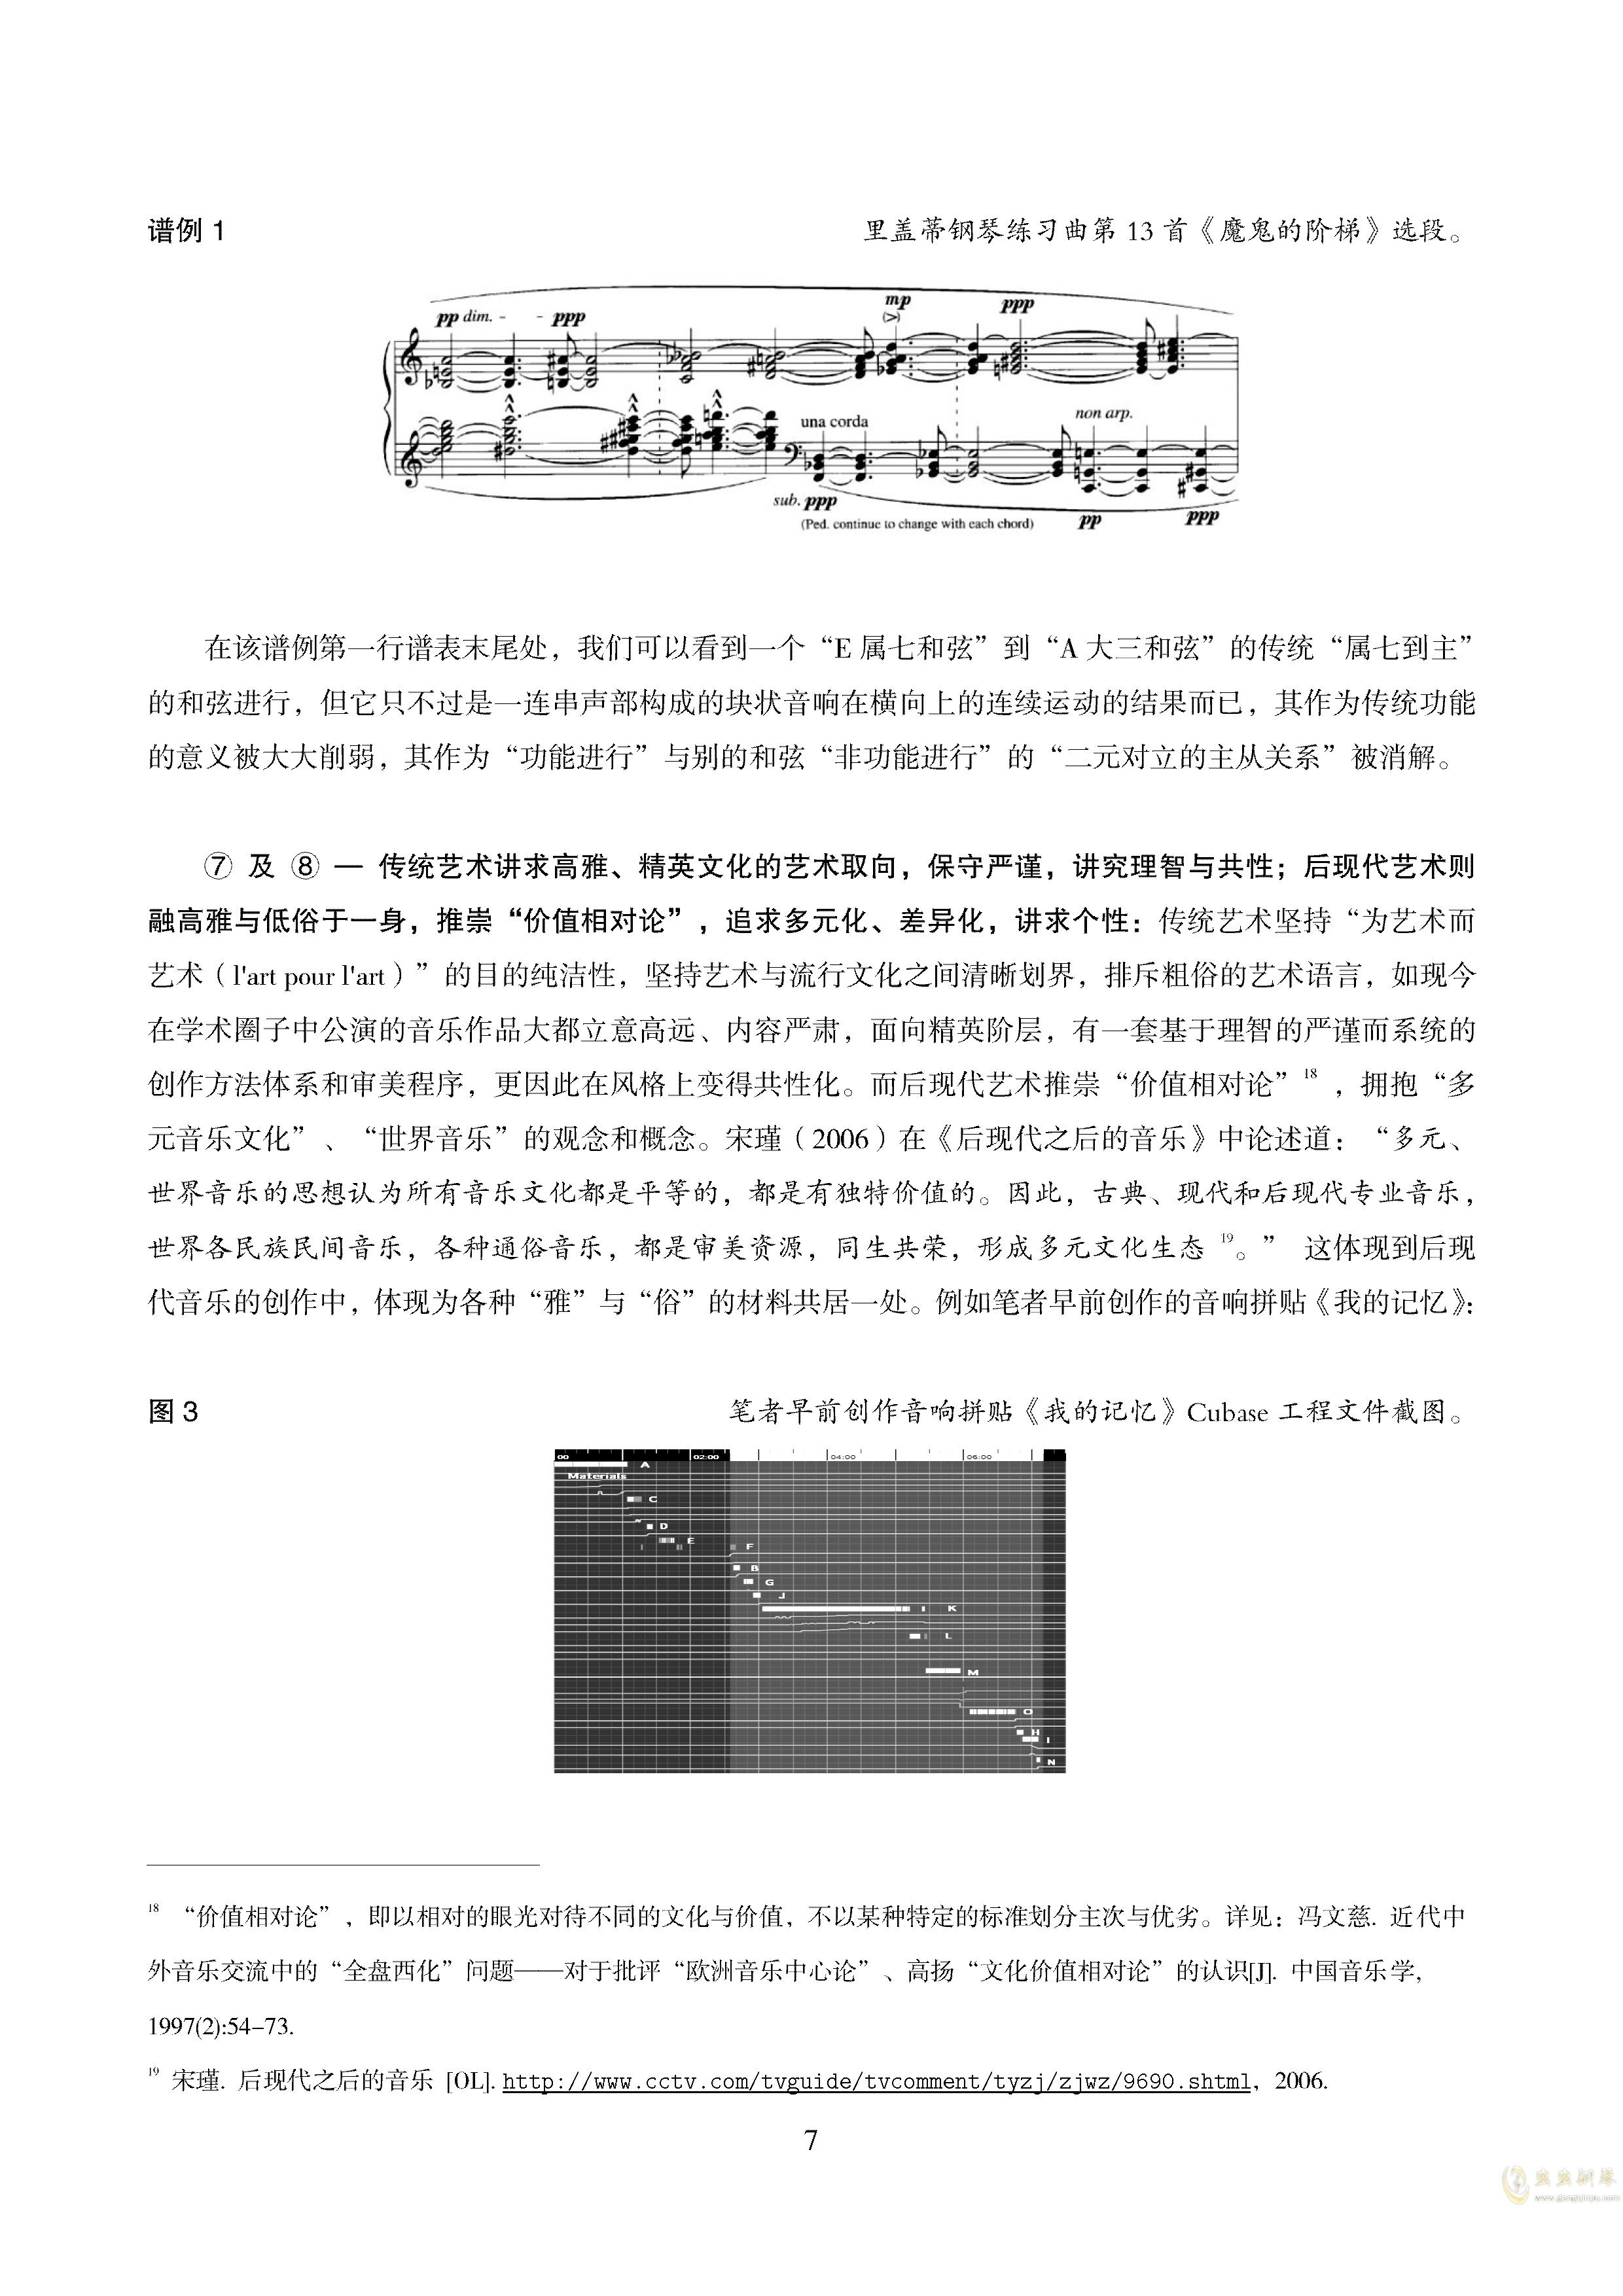 真·硕士论文ag88环亚娱乐谱 第11页